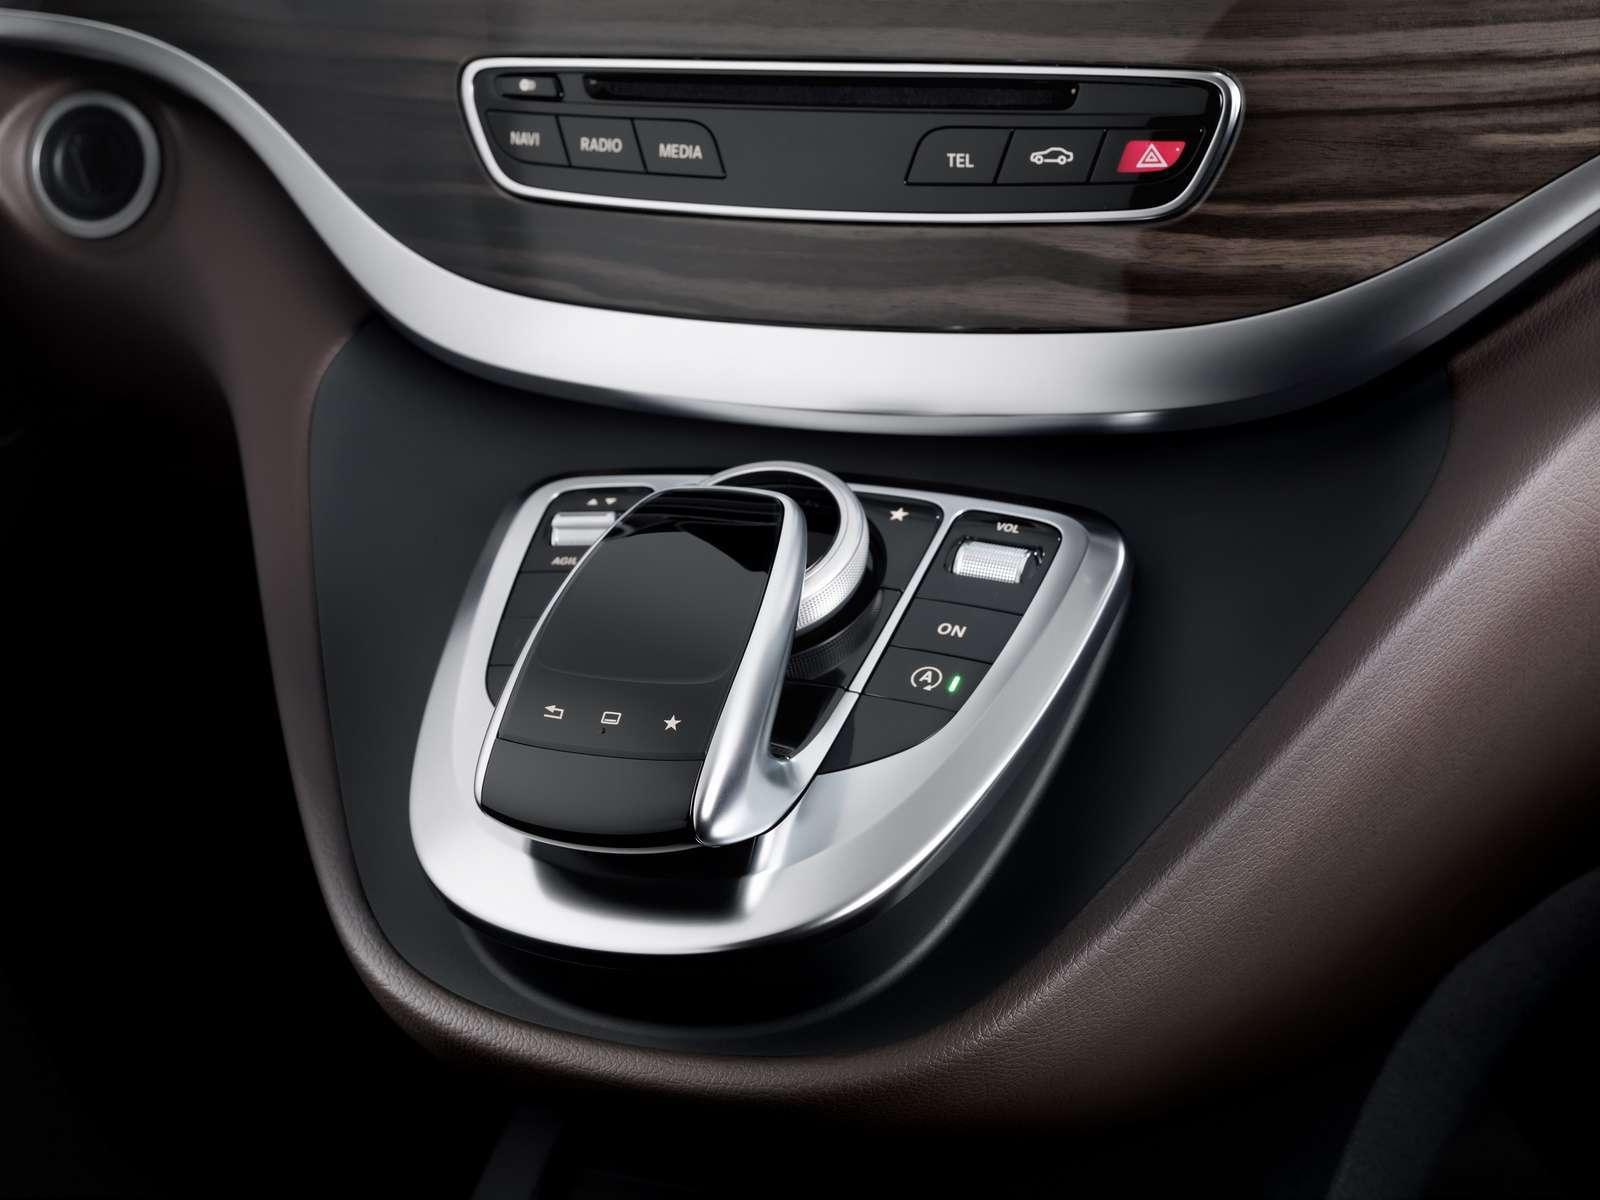 Mercedes-Benz V-Class 2014  Interior Photos